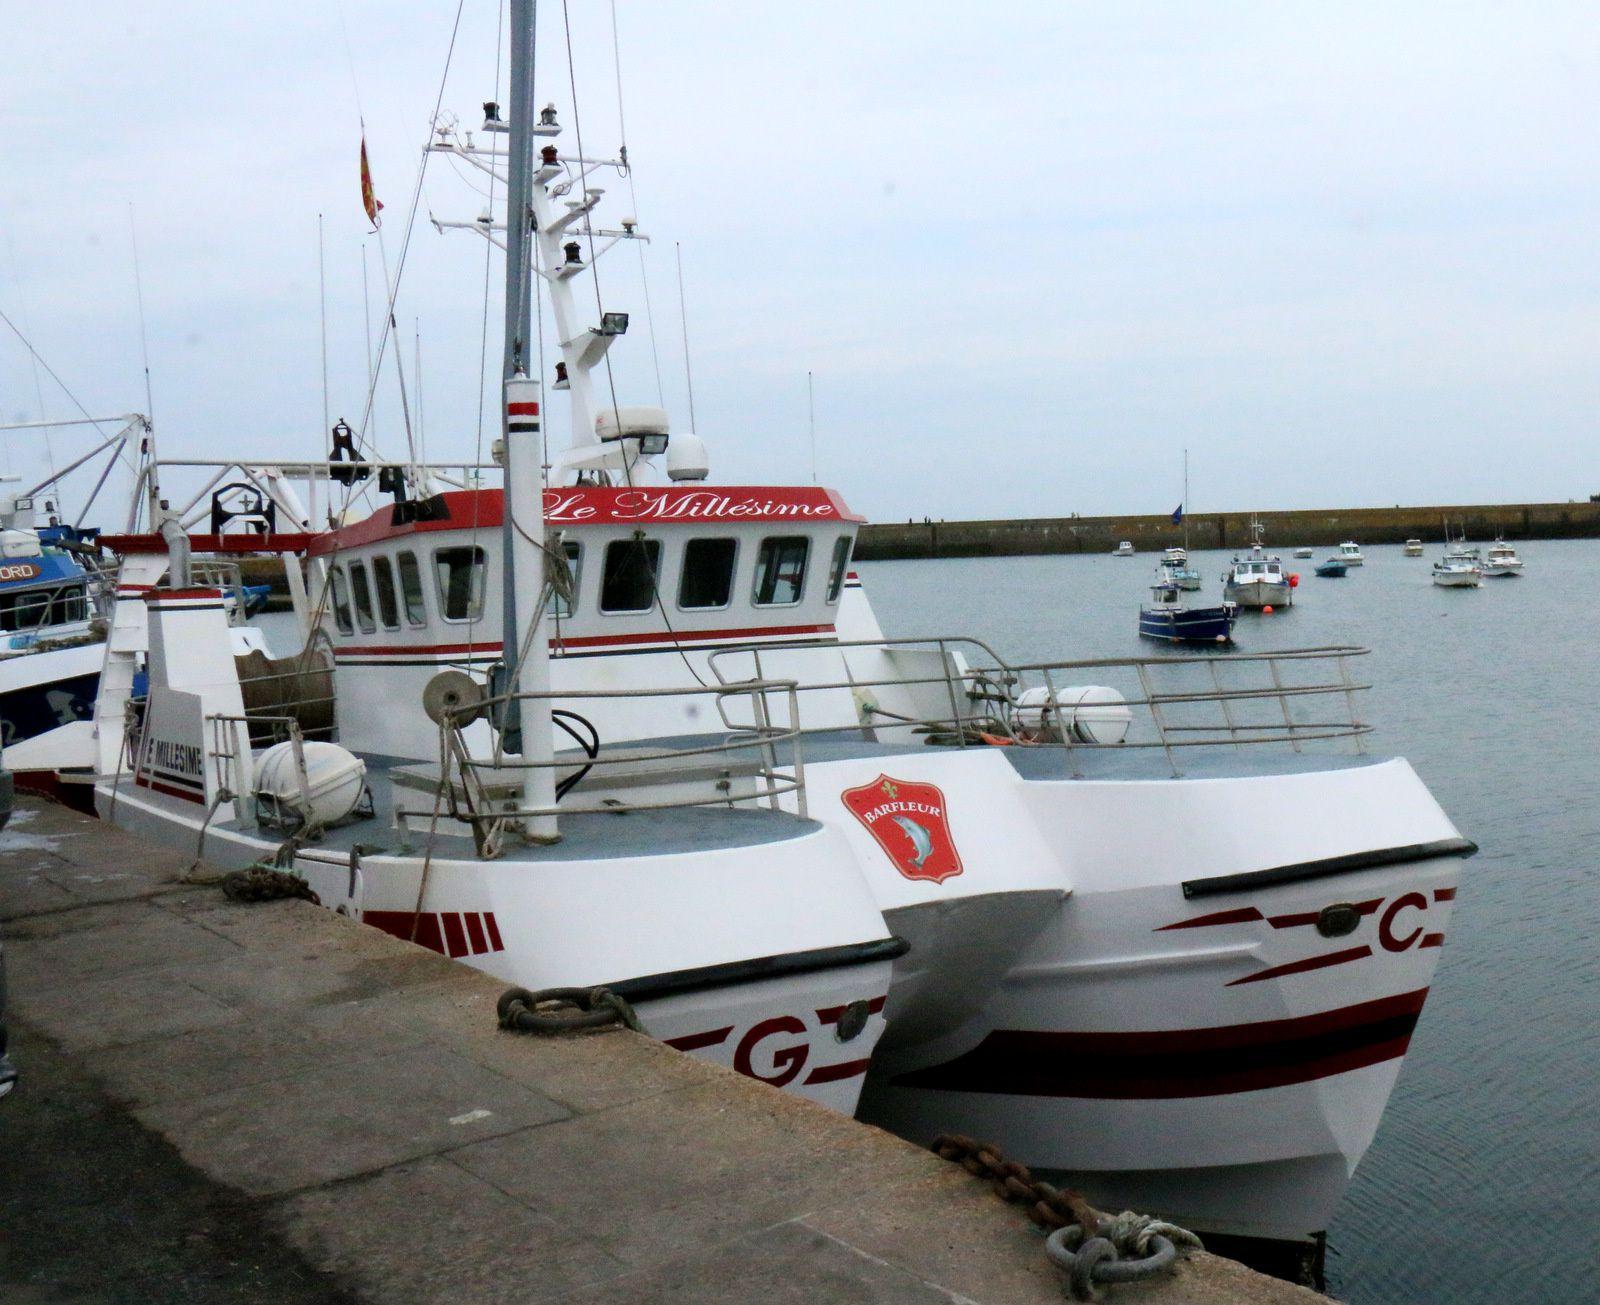 Le port de Barfleur